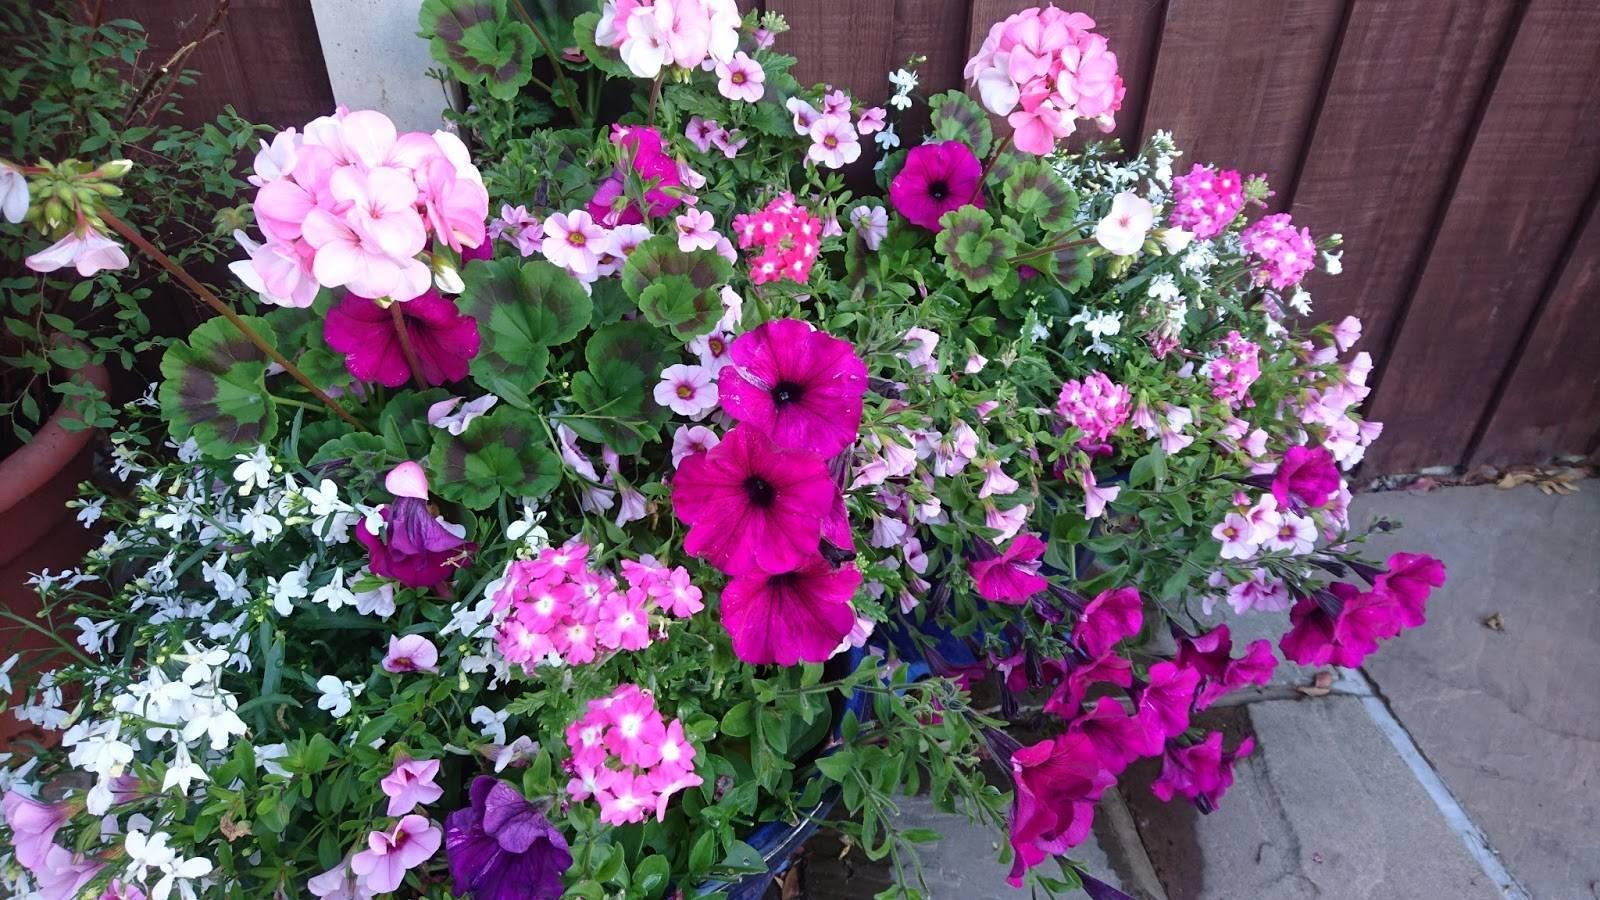 Семена пеларгонии — эффективный способ проращивания в мини-парнике, видео